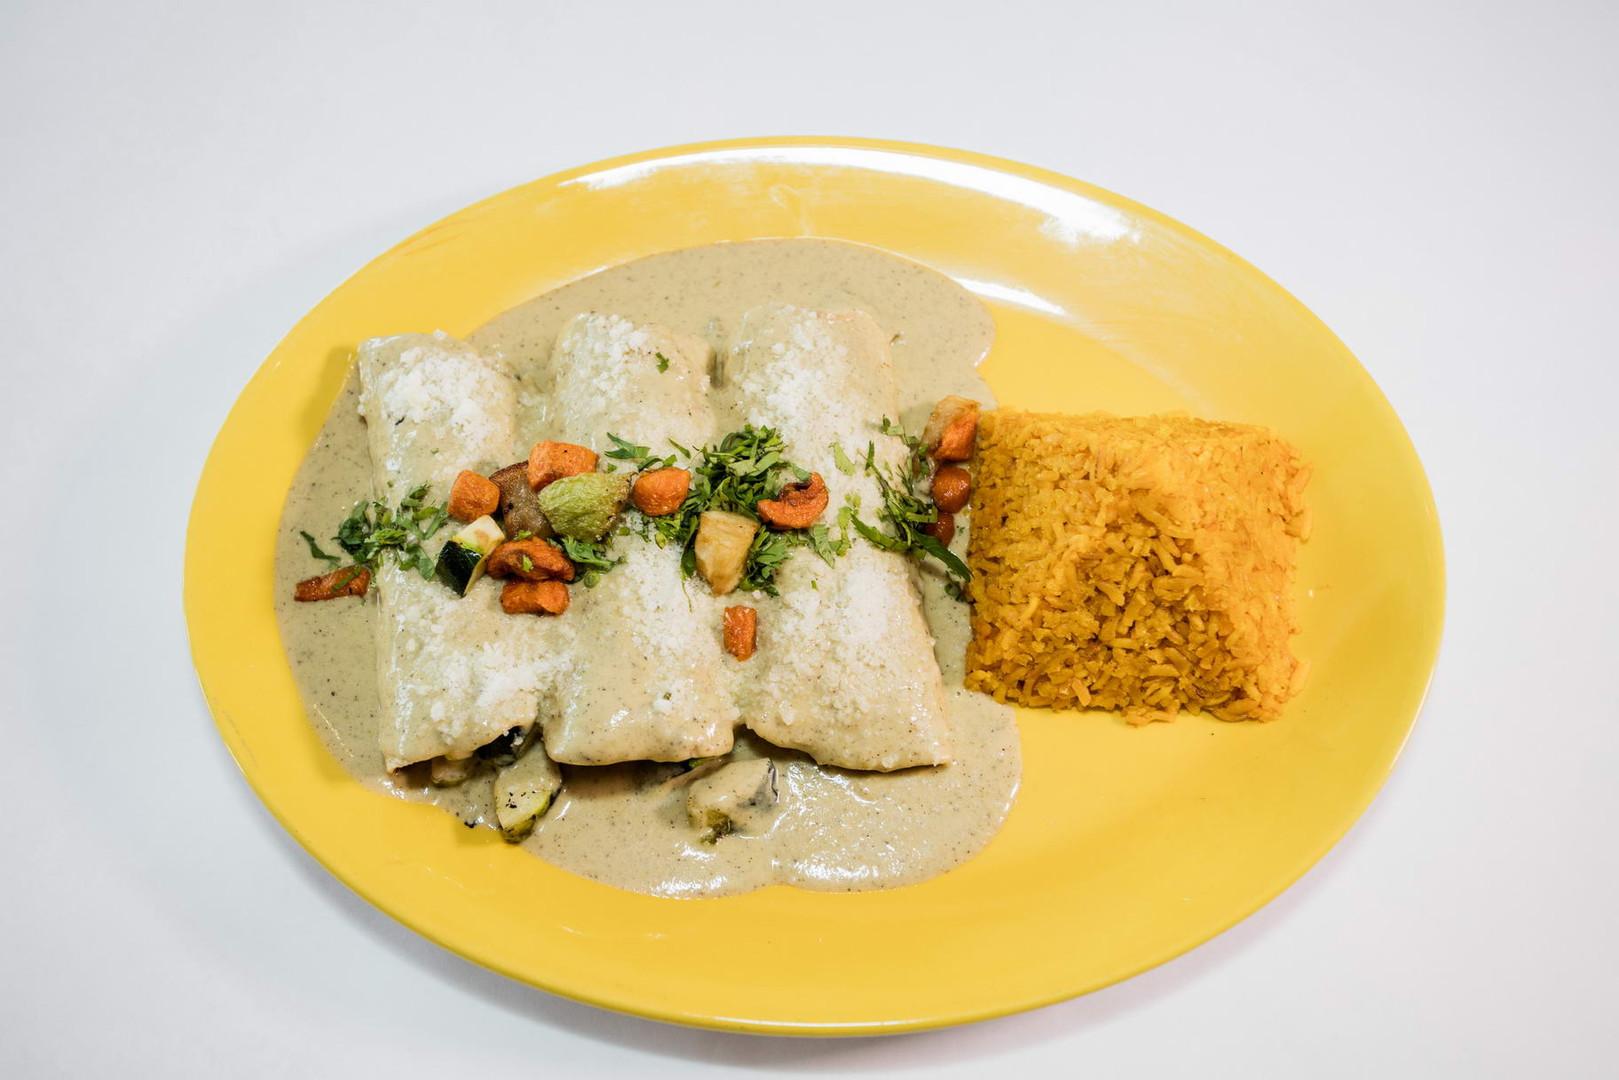 enchilada vegetariano_6_resize.jpg